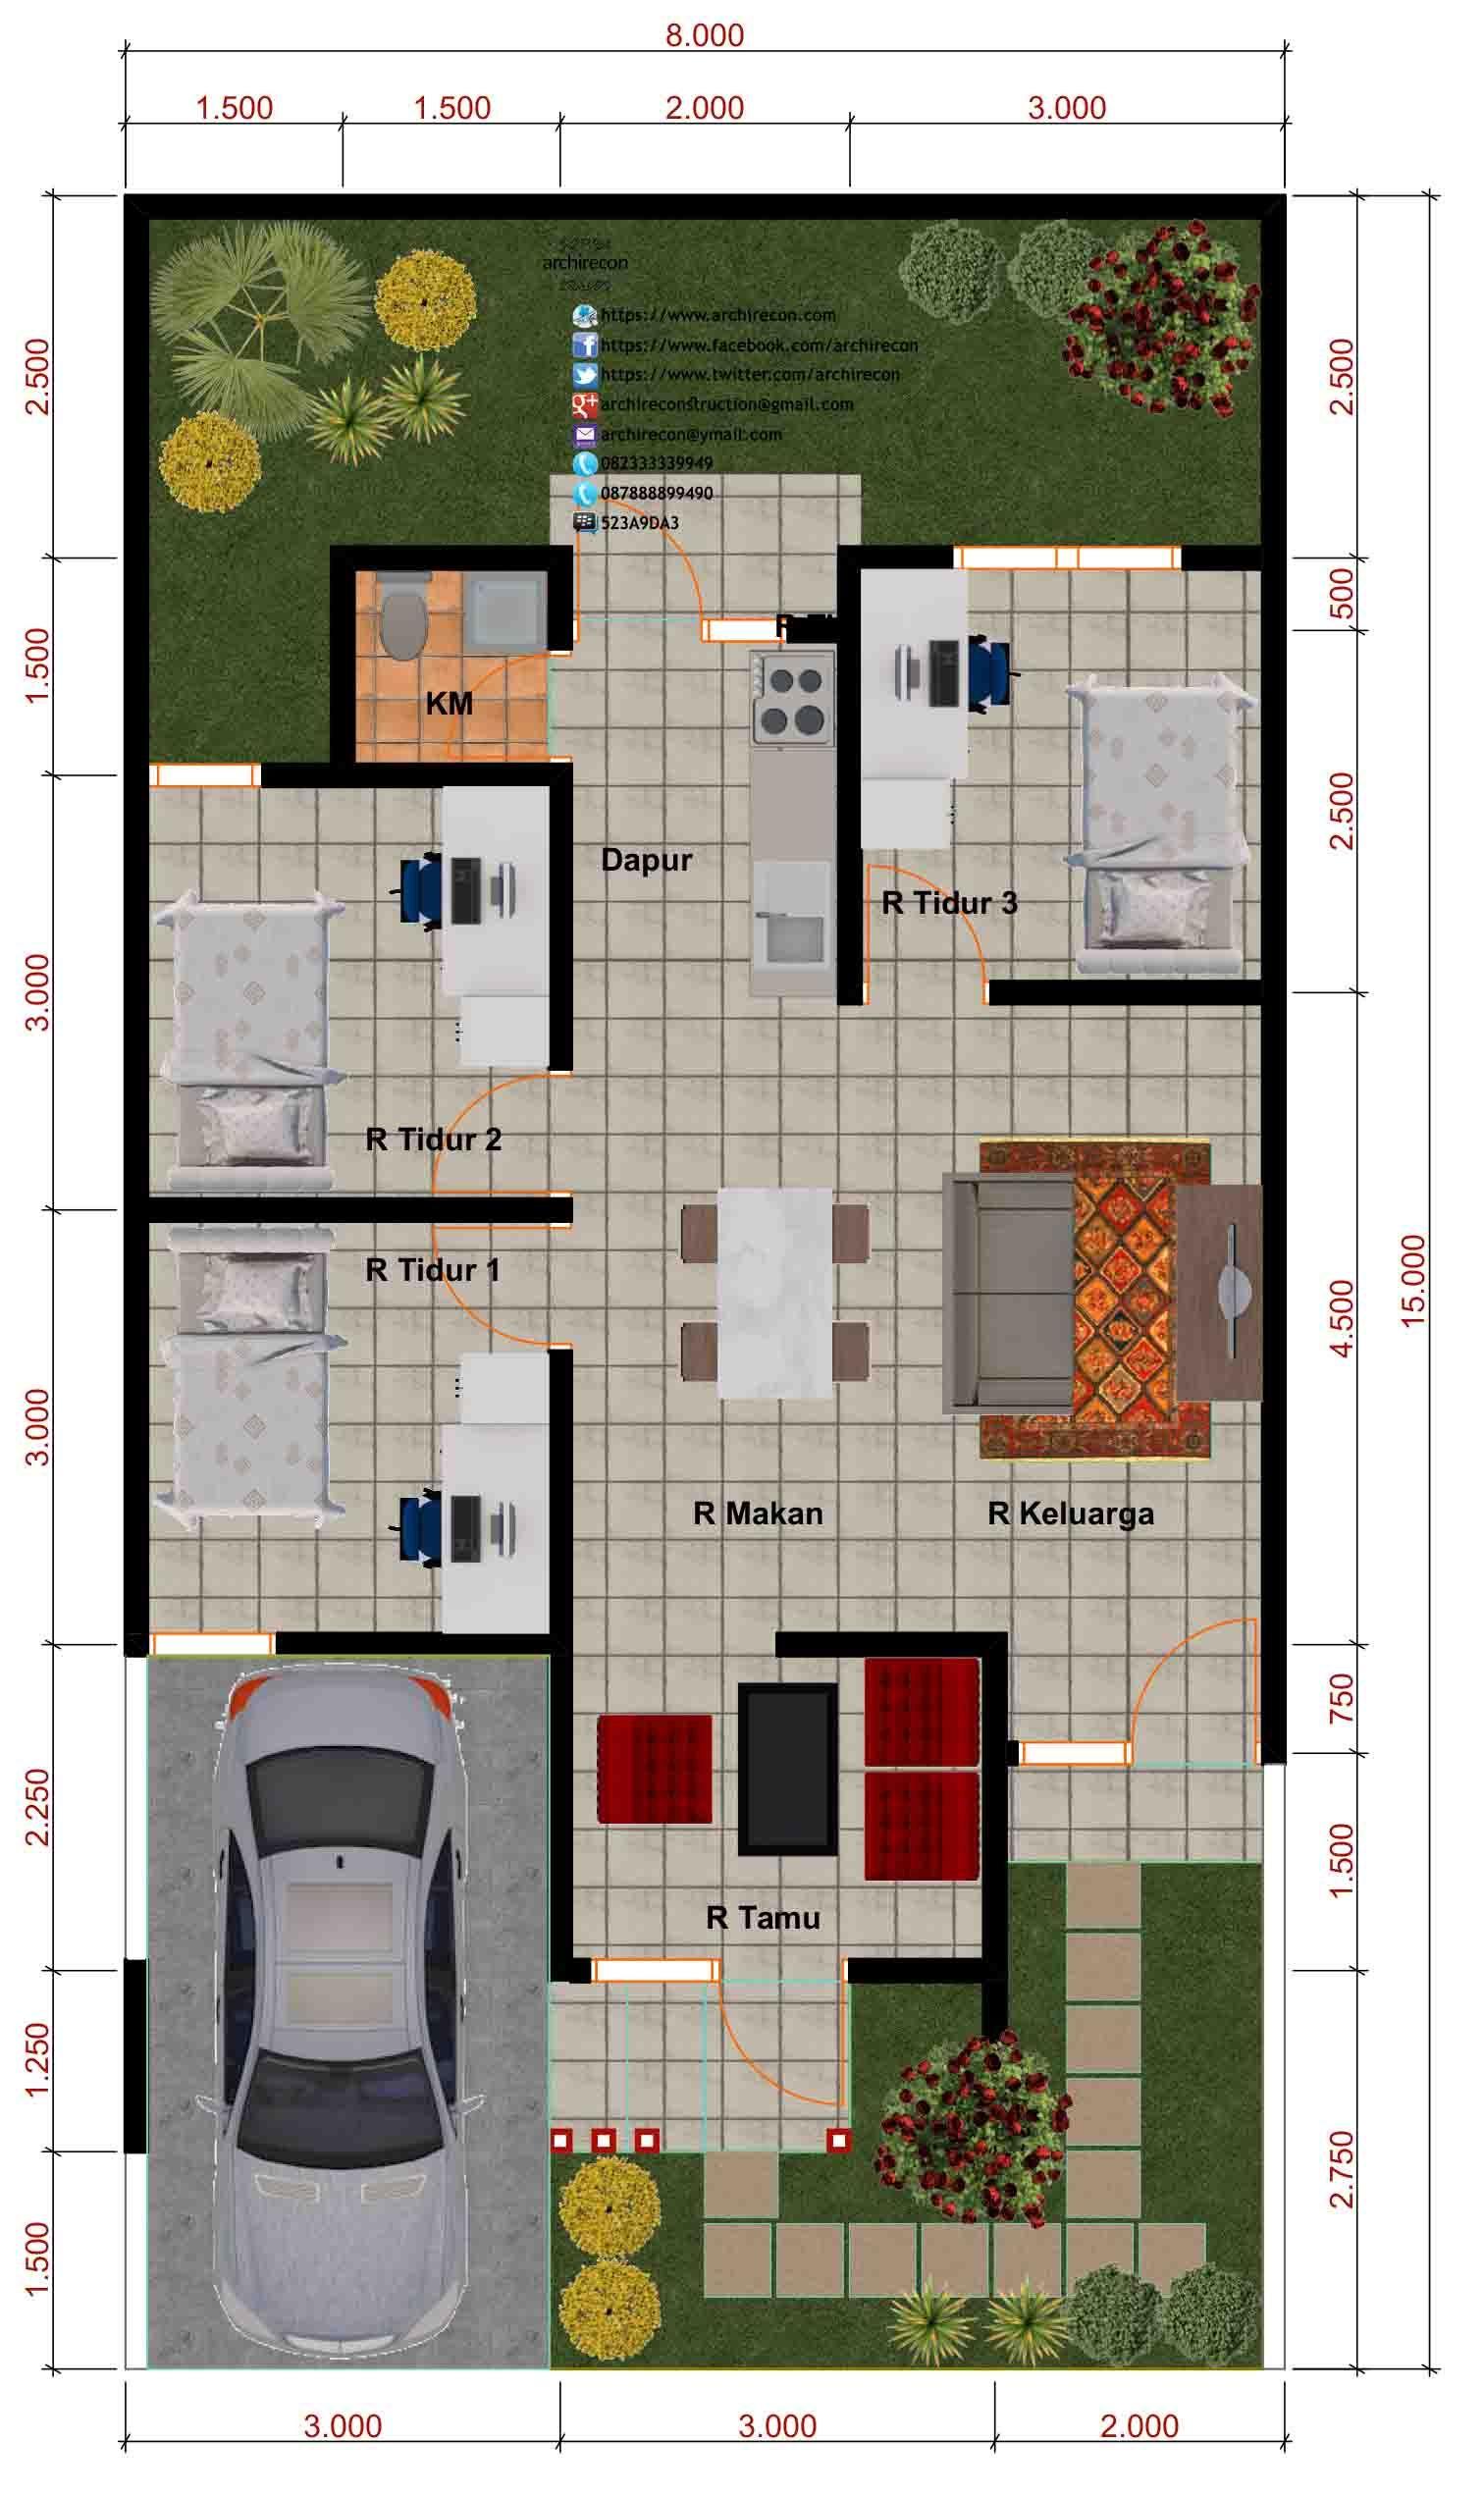 Desain Perumahan Minimalis Perumahan Graha Purwosari Regency Type